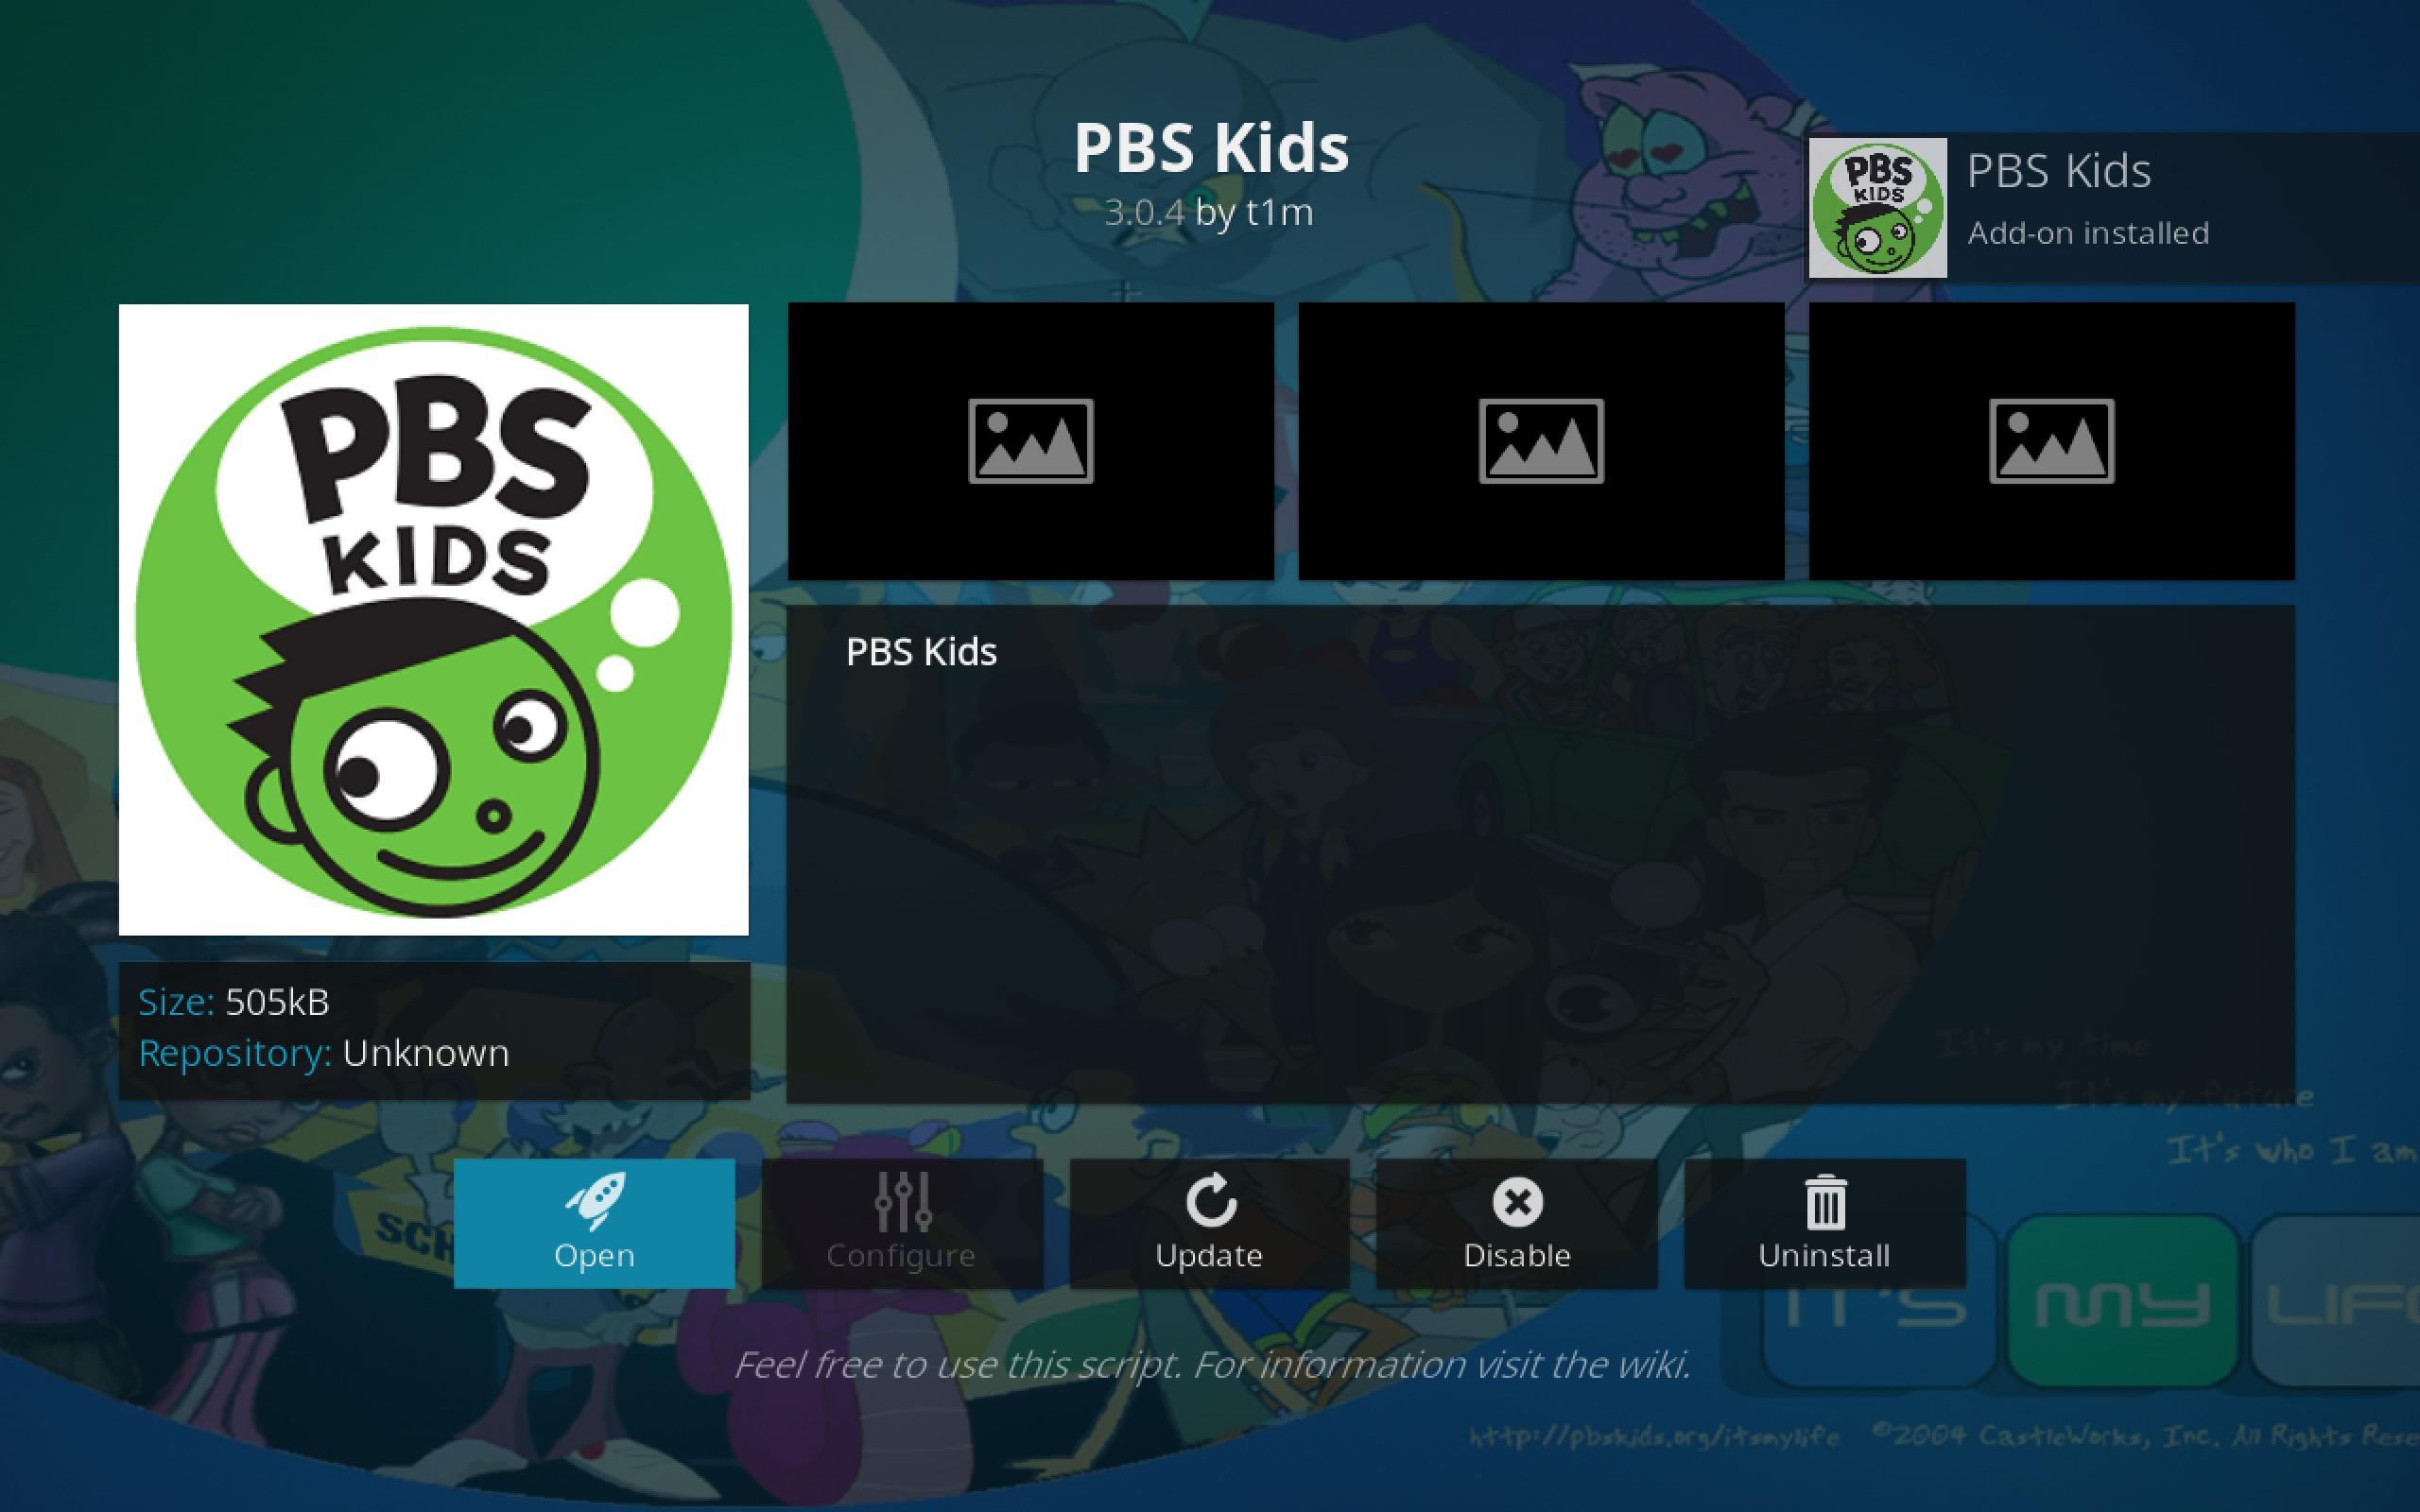 PBS Kids Add-on